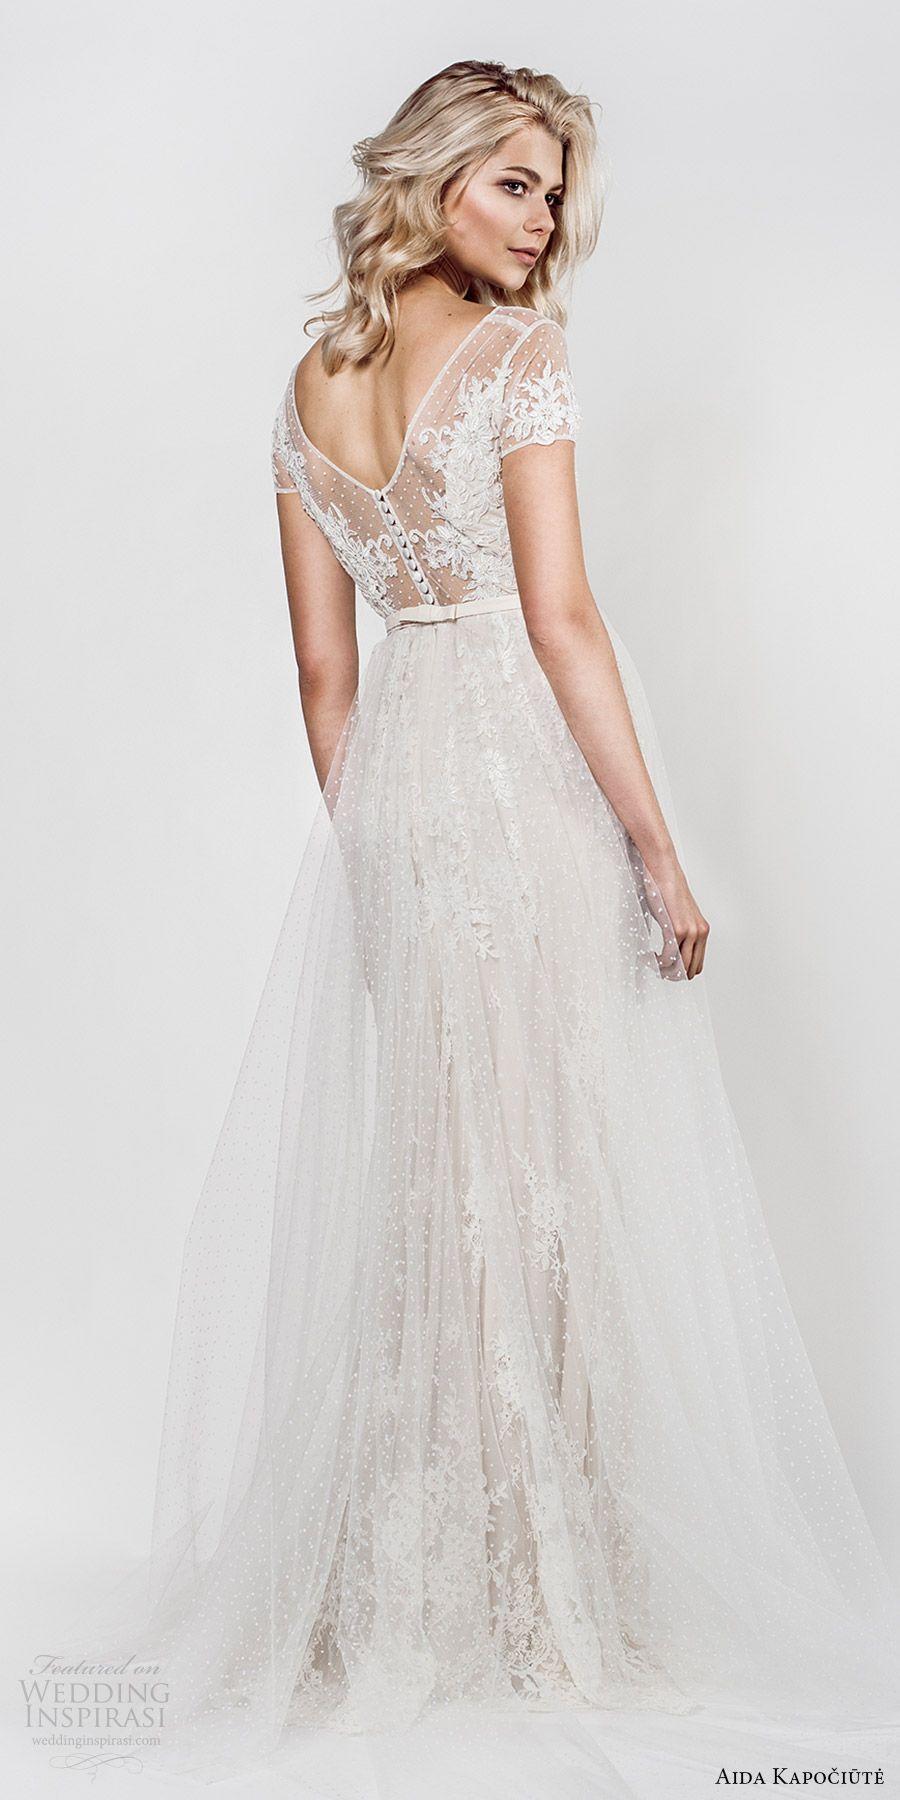 Aida kapociute wedding dresses in bridal gowns u wedding